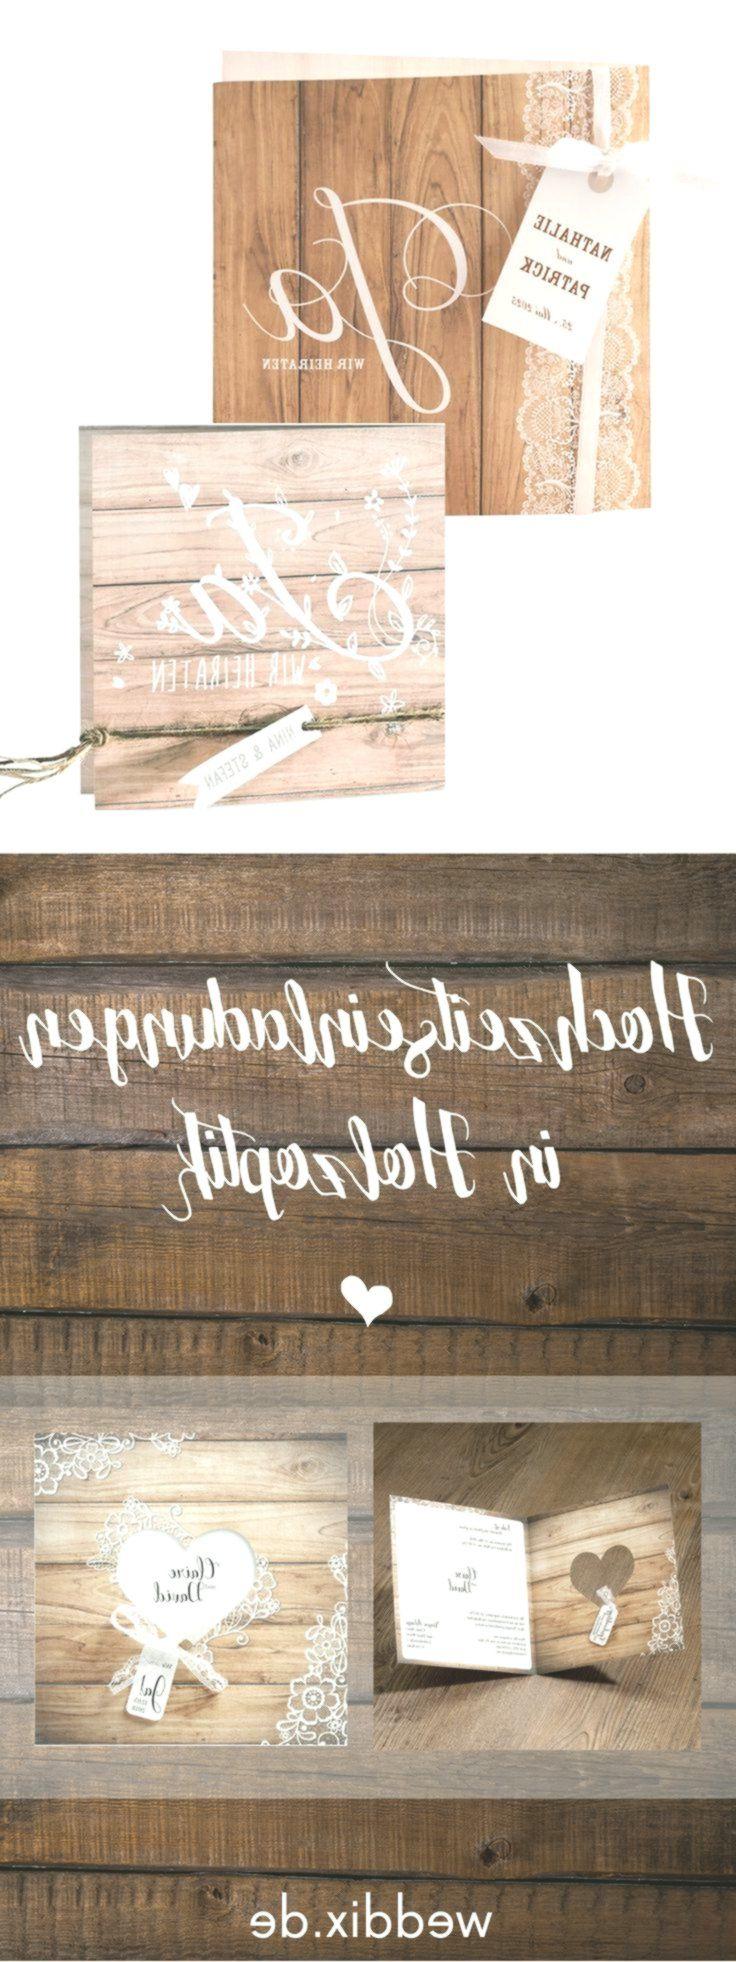 Eine Einladungskarte Zur Hochzeit In Moderner Holzoptik Kombiniert Mit Accessoir Accessoir Einladungskarten Hochzeit Einladungskarten Einladungen